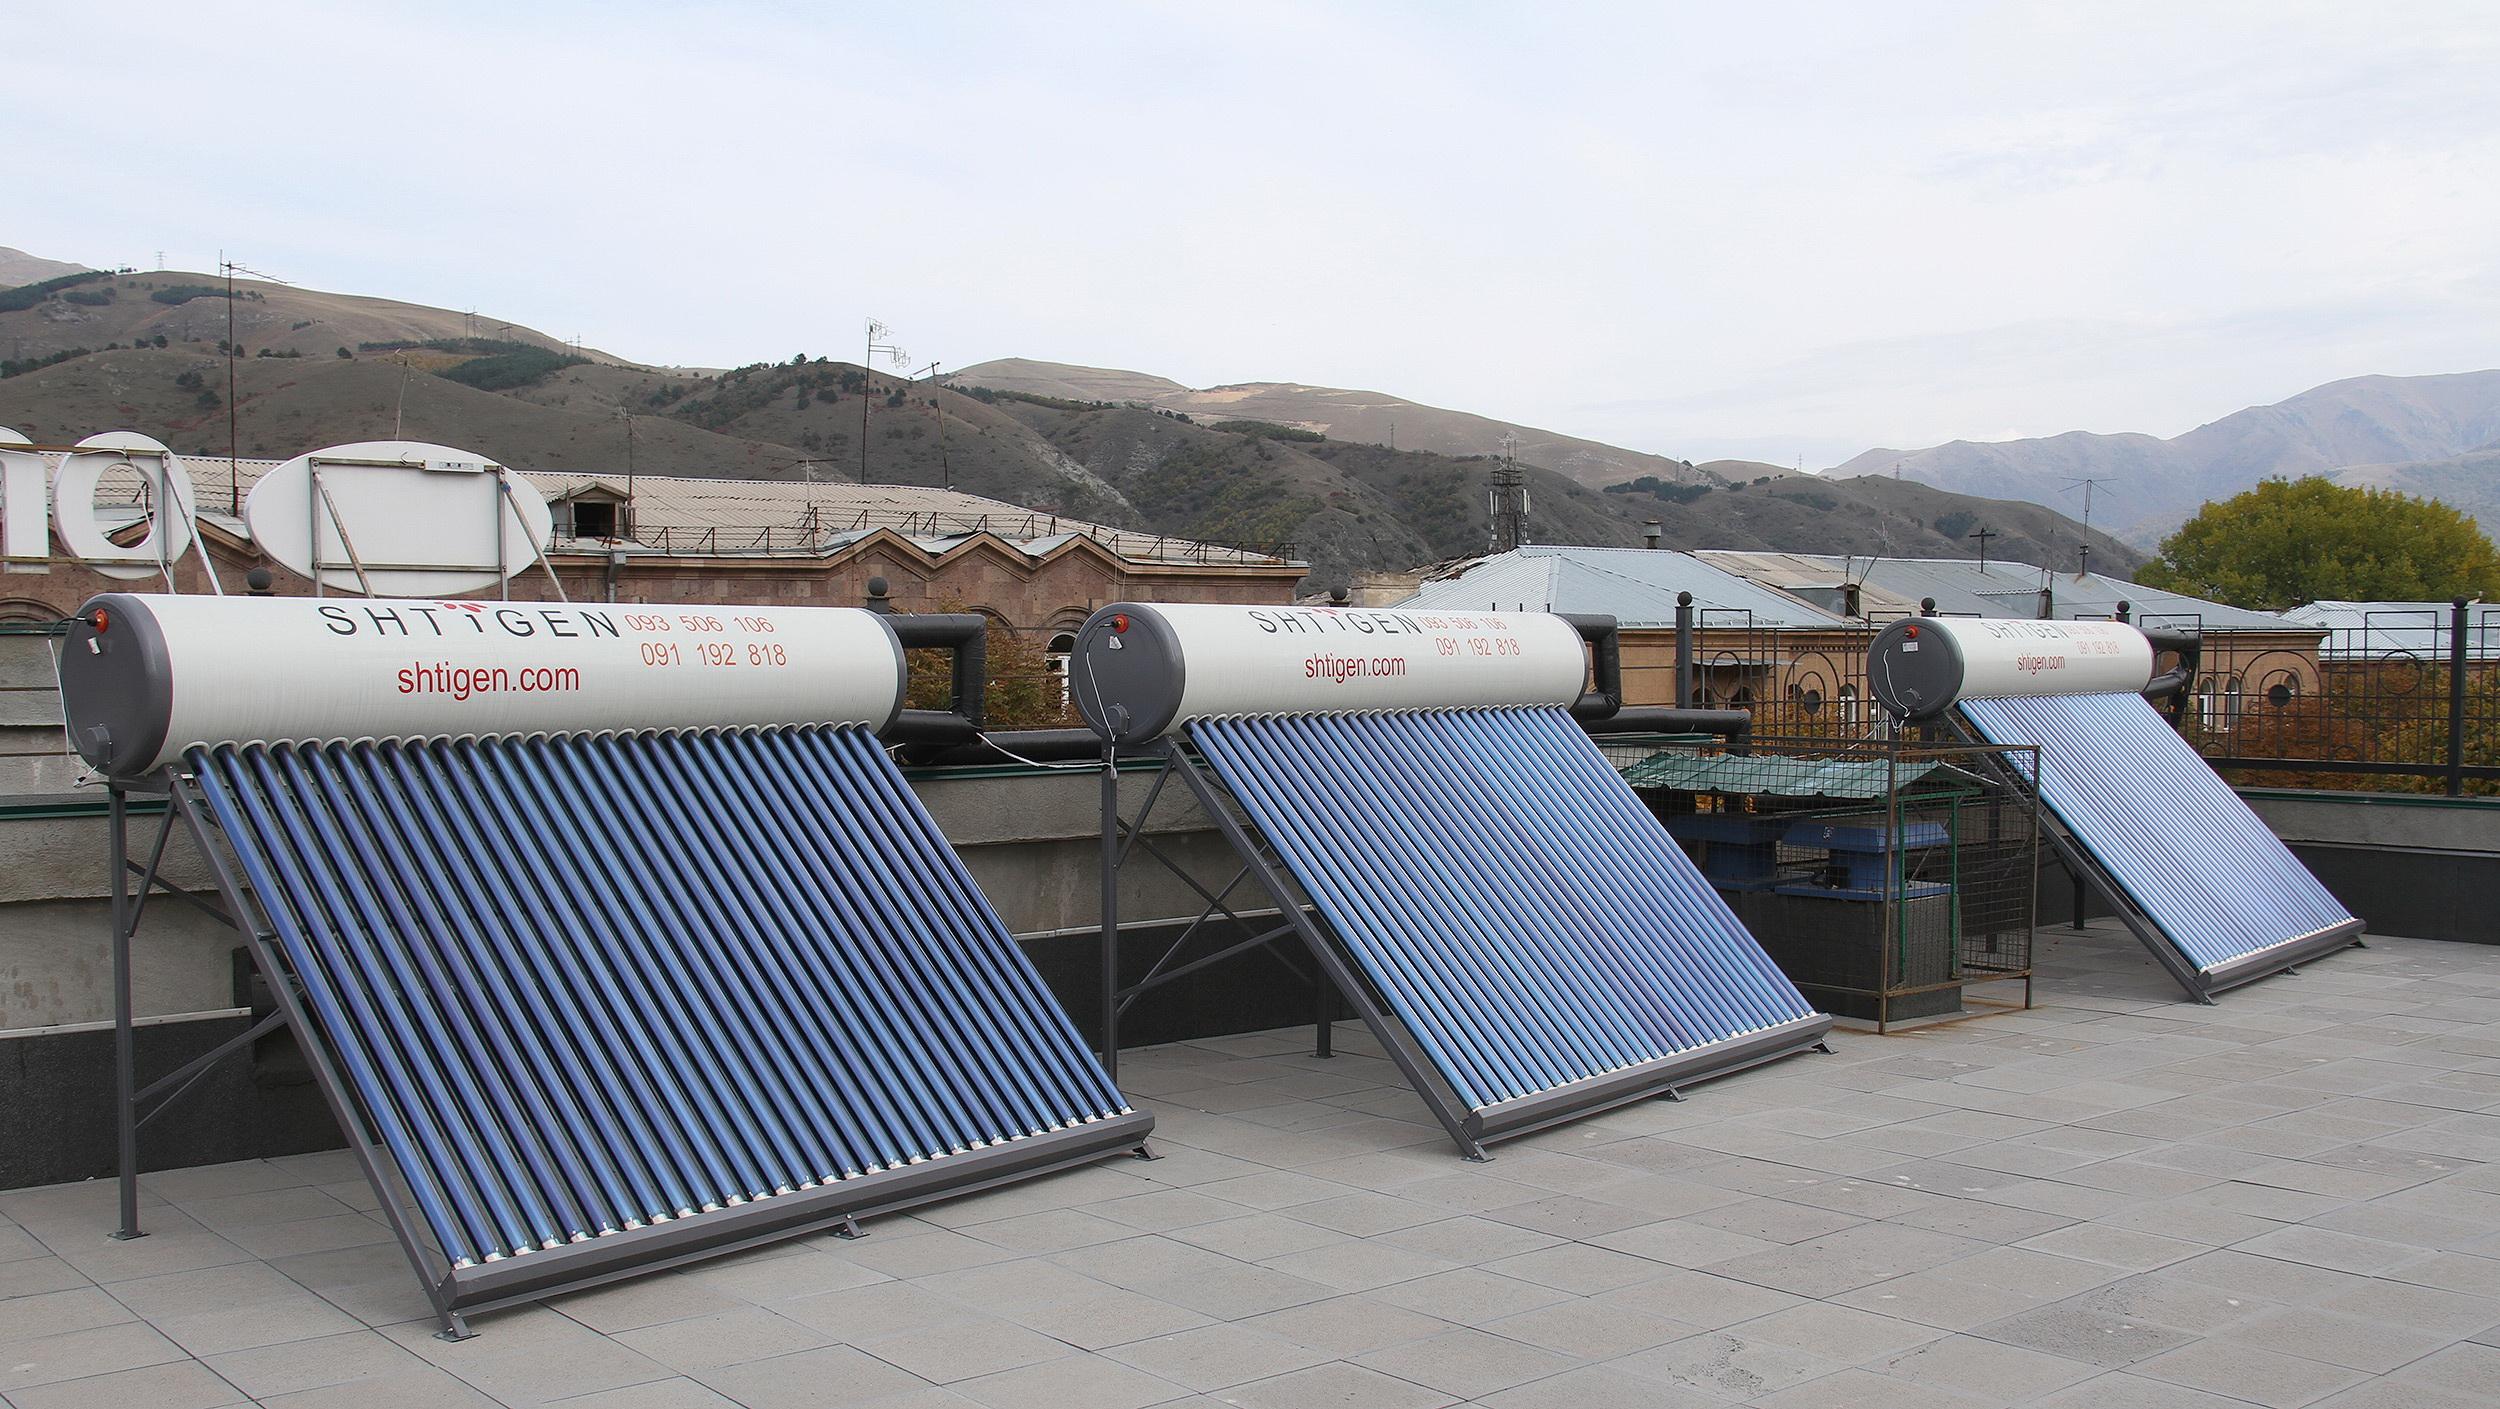 ԱԿԲԱ-ԿՐԵԴԻՏ ԱԳՐԻԿՈԼ ԲԱՆԿ. արևային ջրատաքացուցիչներ՝ Օրրանի Վանաձորի մասնաճյուղի համար